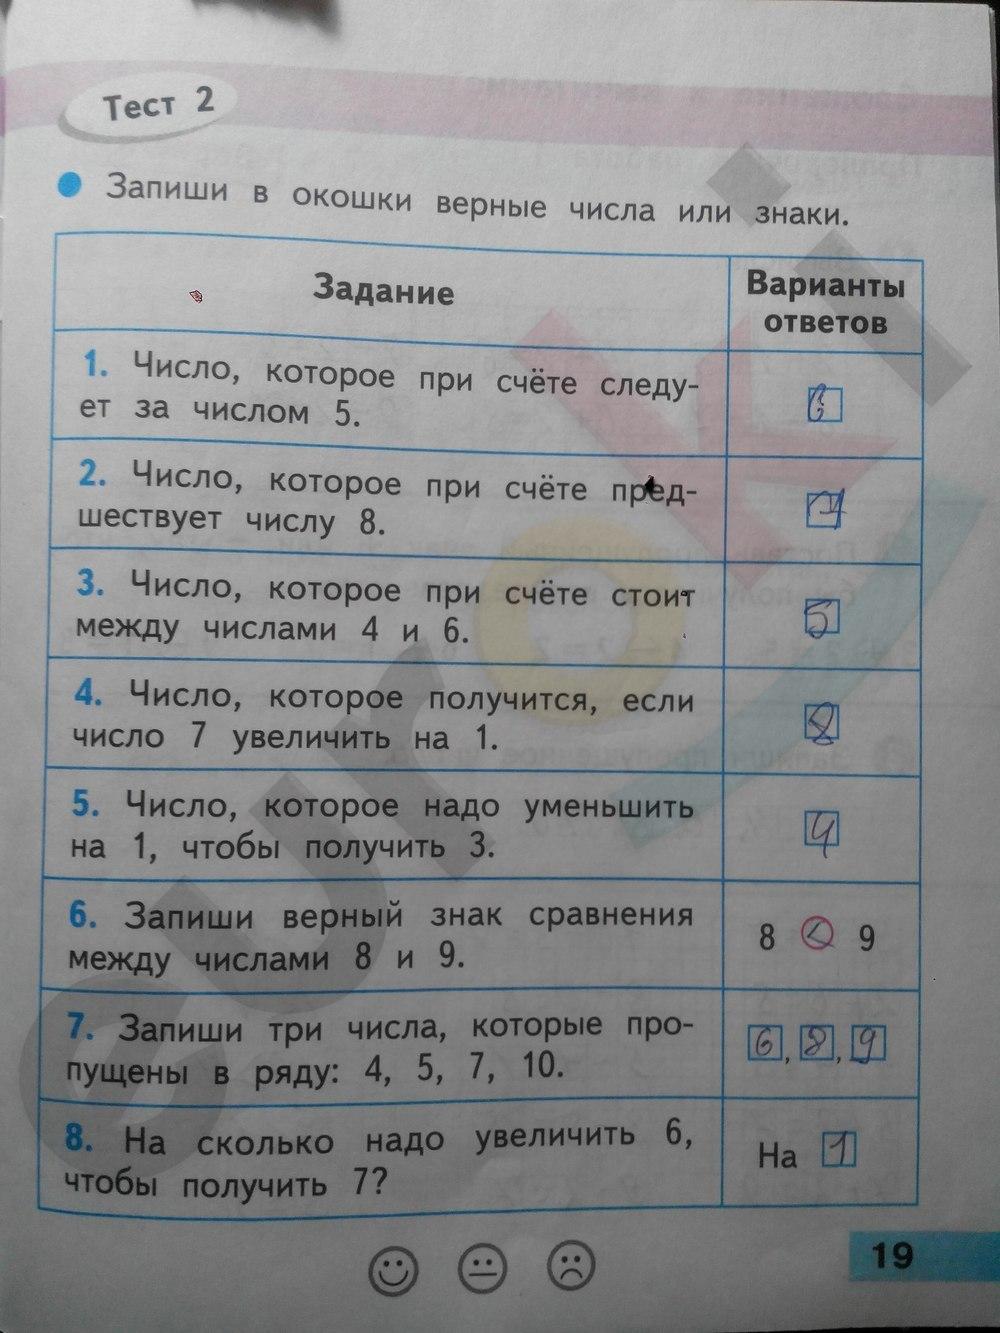 Гдз Математике 4 Класс Волкова 1 И 2 Часть Проверочные Работы